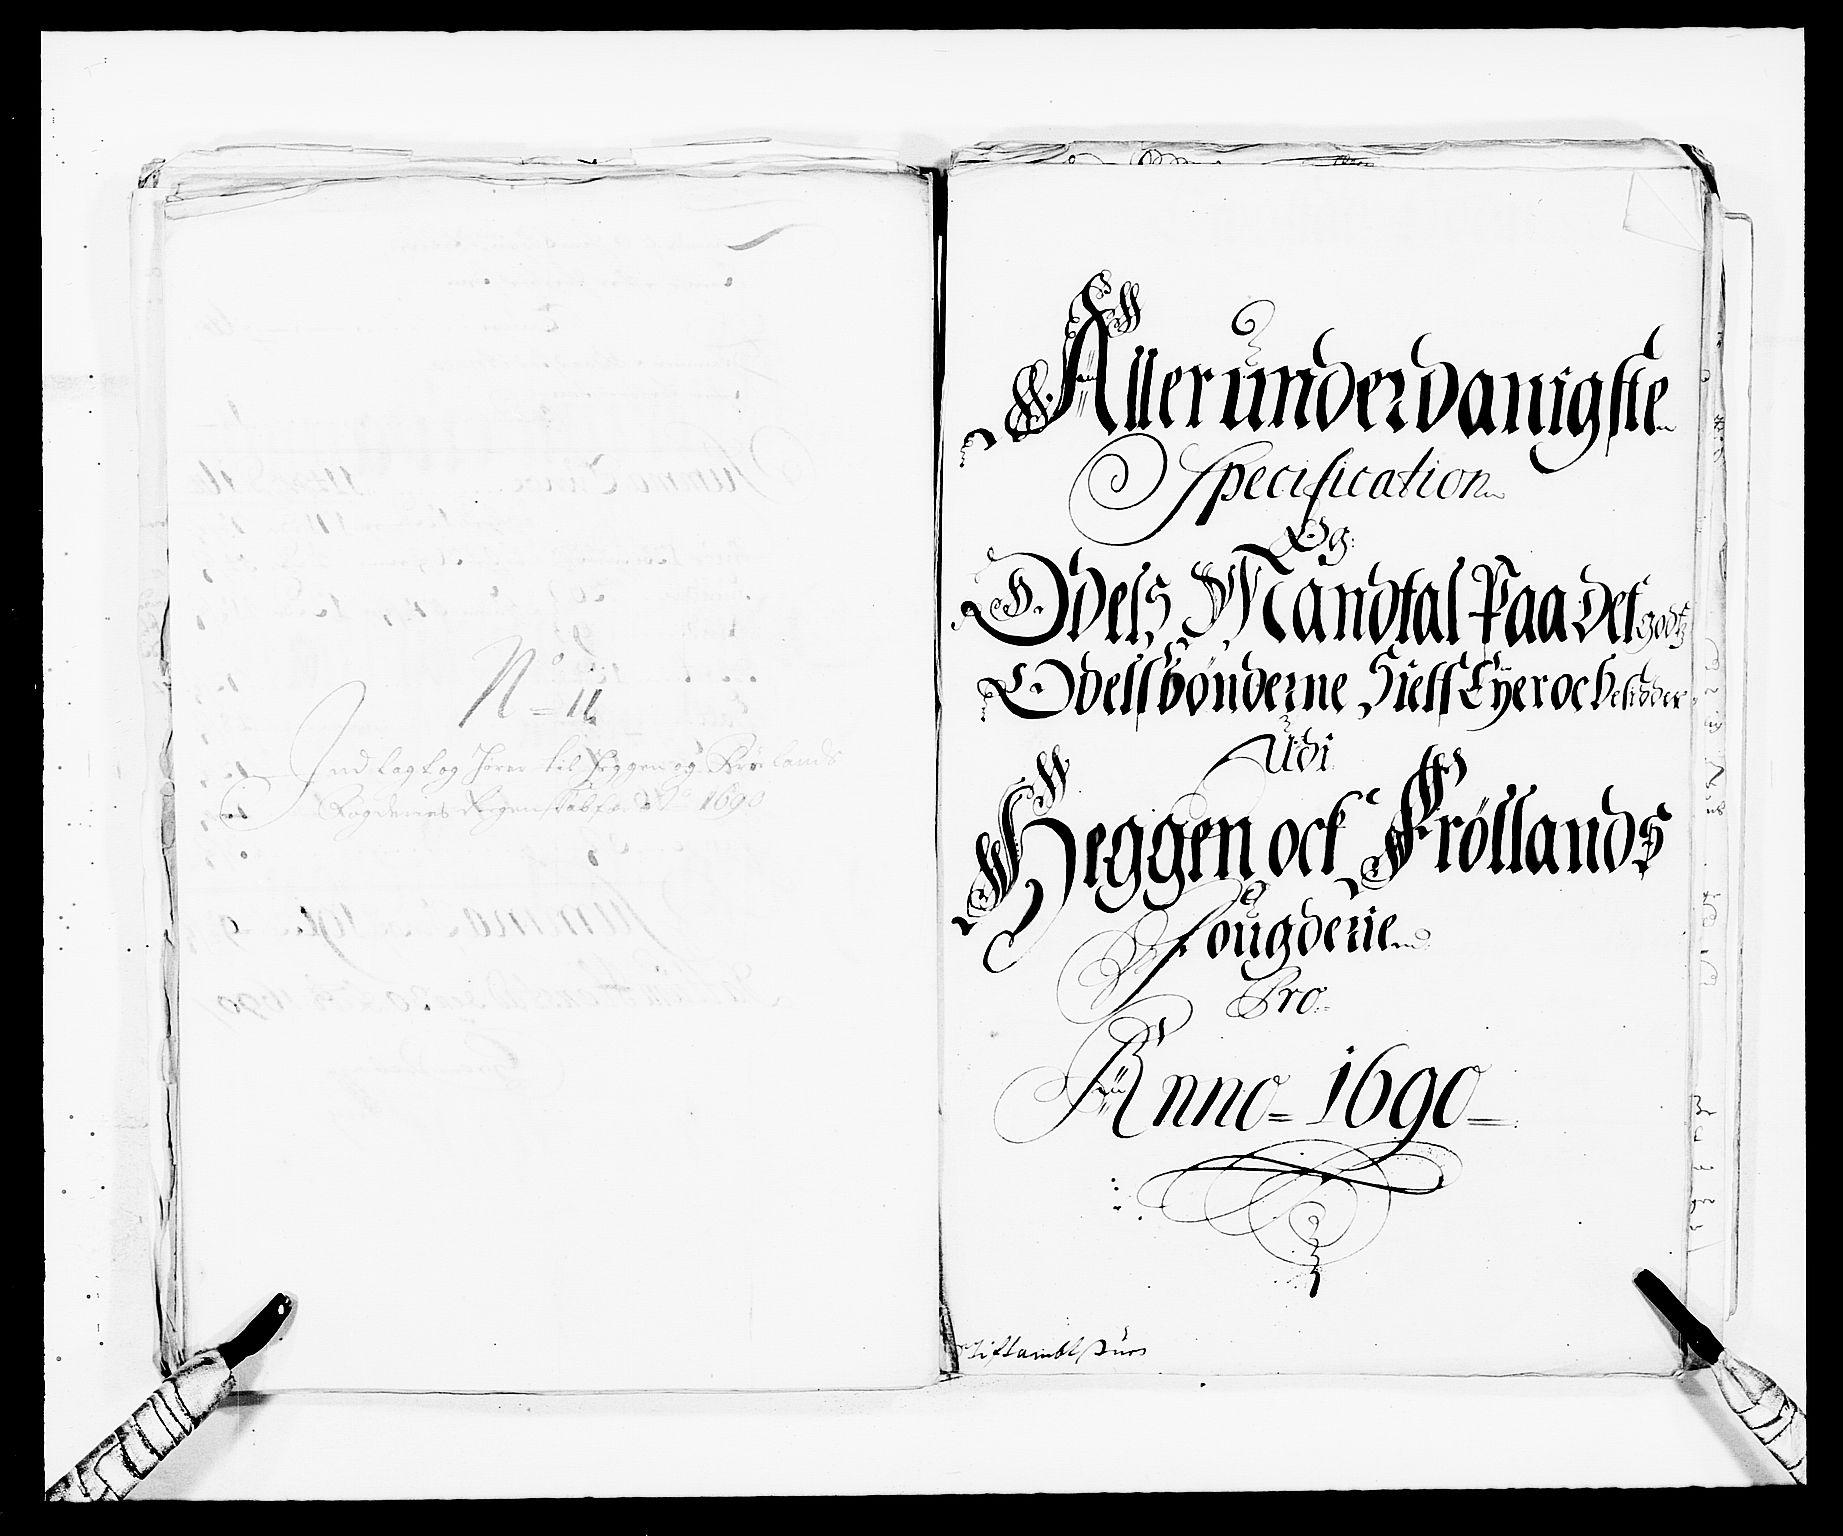 RA, Rentekammeret inntil 1814, Reviderte regnskaper, Fogderegnskap, R06/L0282: Fogderegnskap Heggen og Frøland, 1687-1690, s. 277